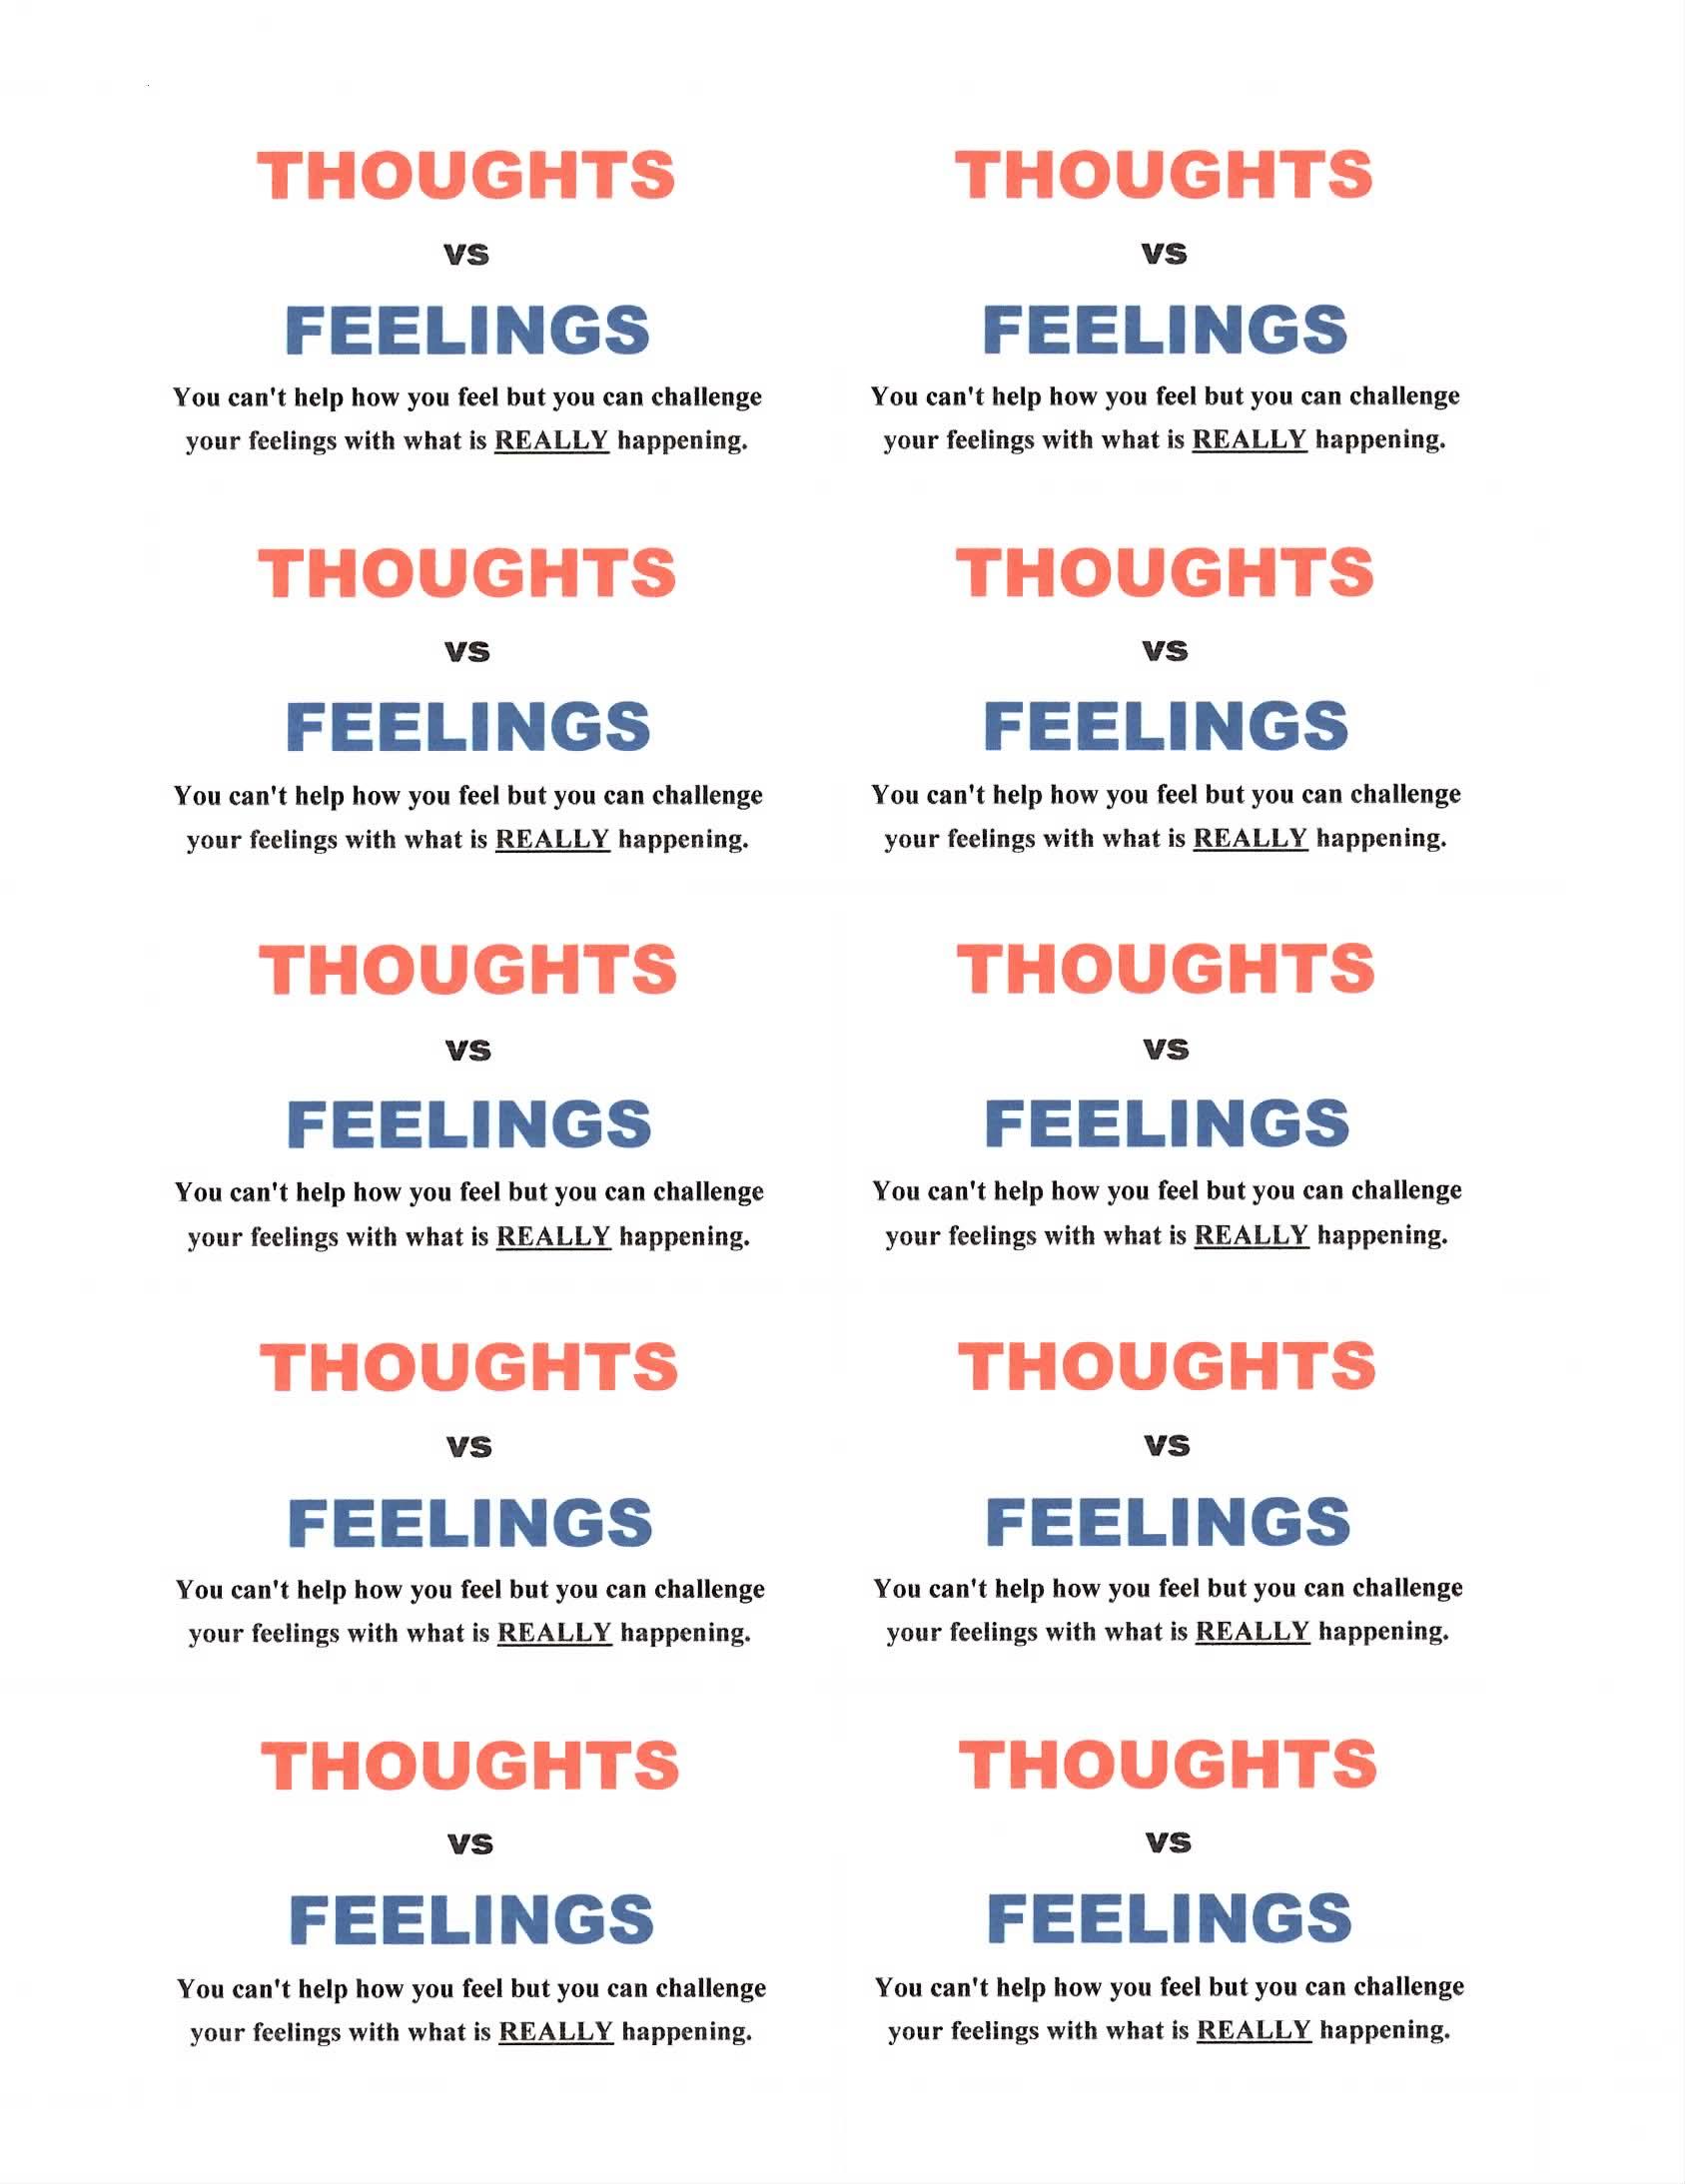 Thought Vs Feelings